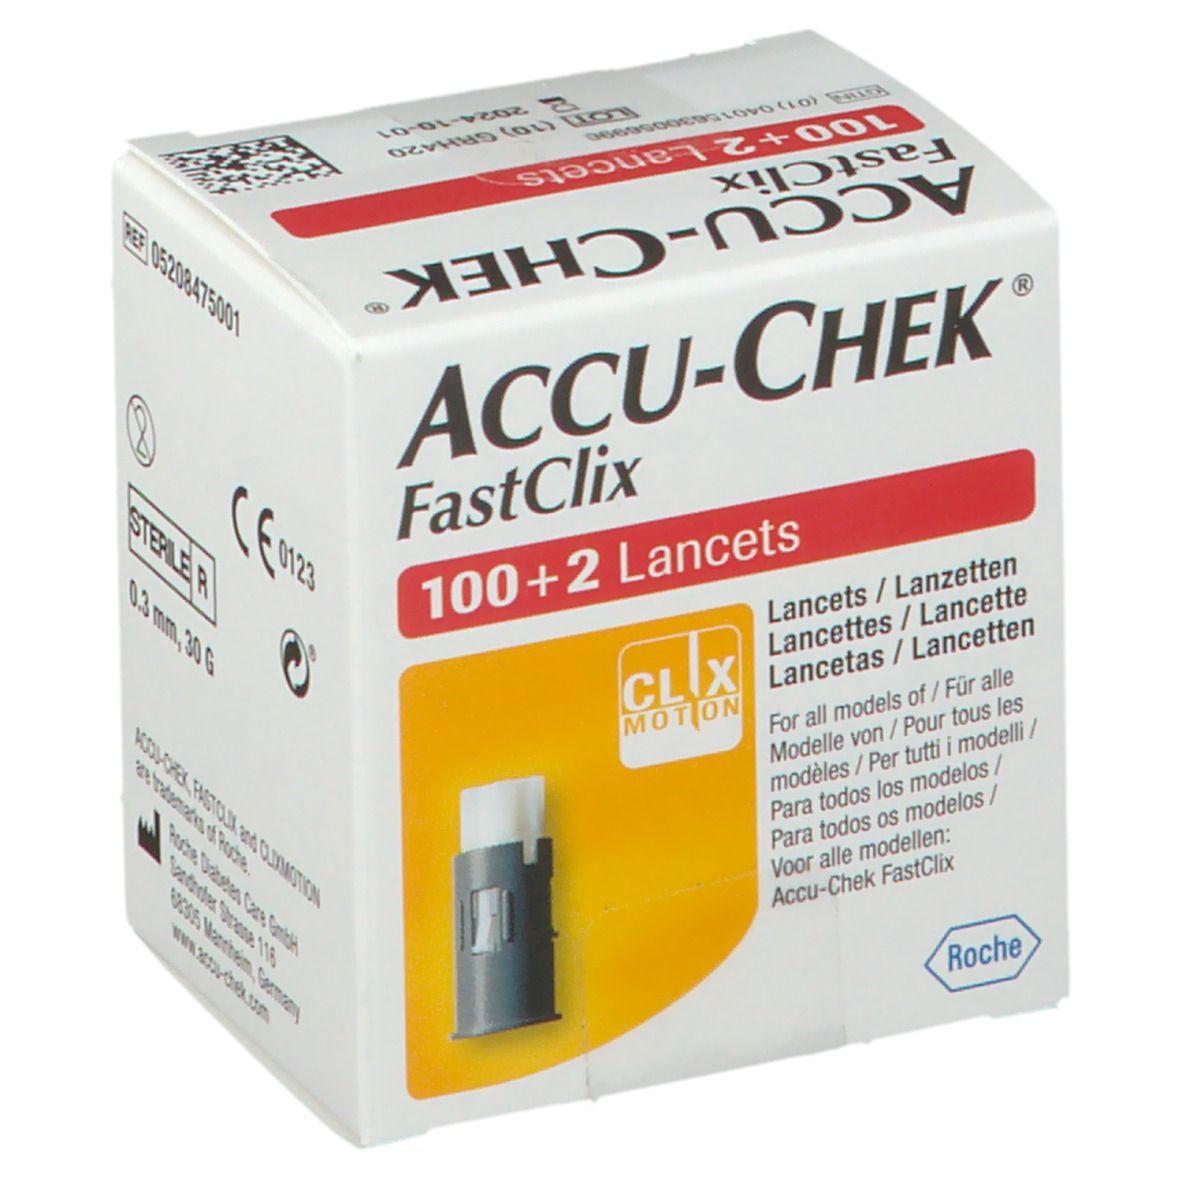 ACCU-CHEK® Fastclix Lancettes